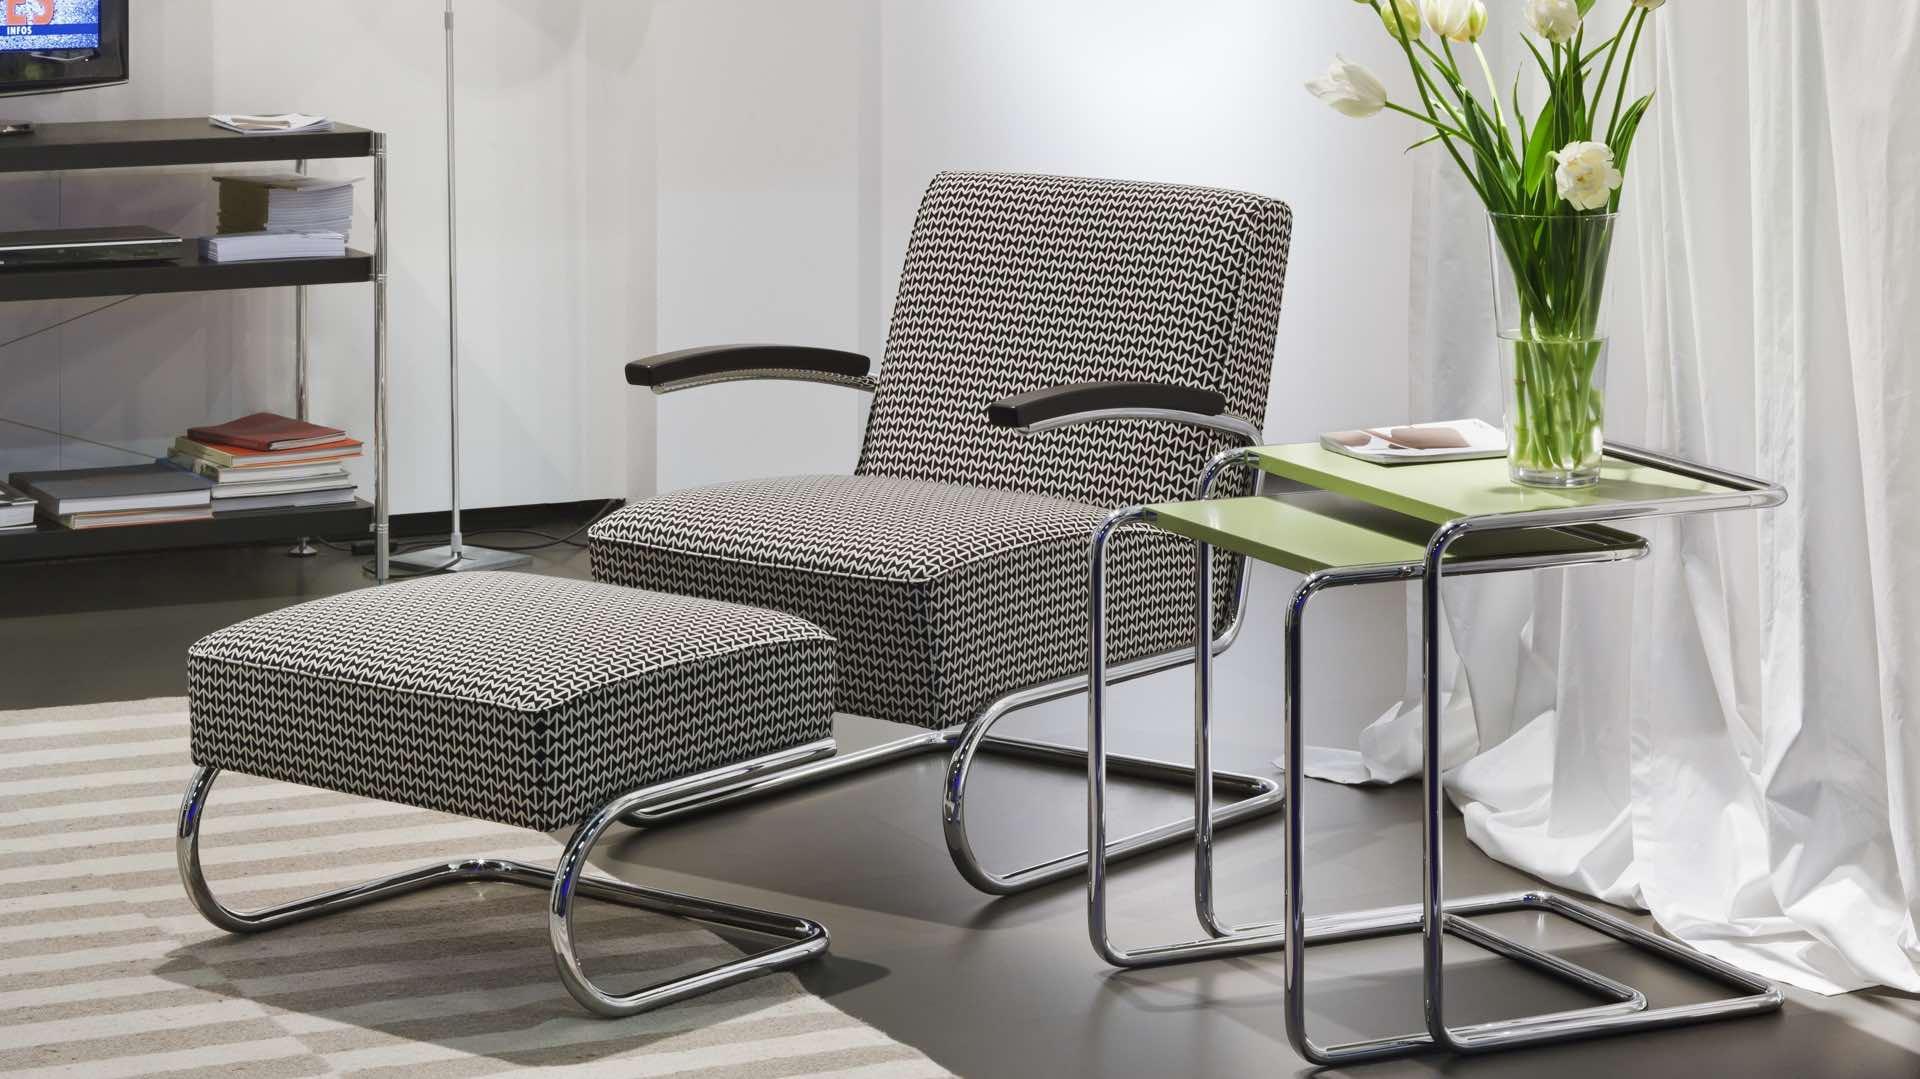 thonetshop thonet b 97 beistelltisch. Black Bedroom Furniture Sets. Home Design Ideas